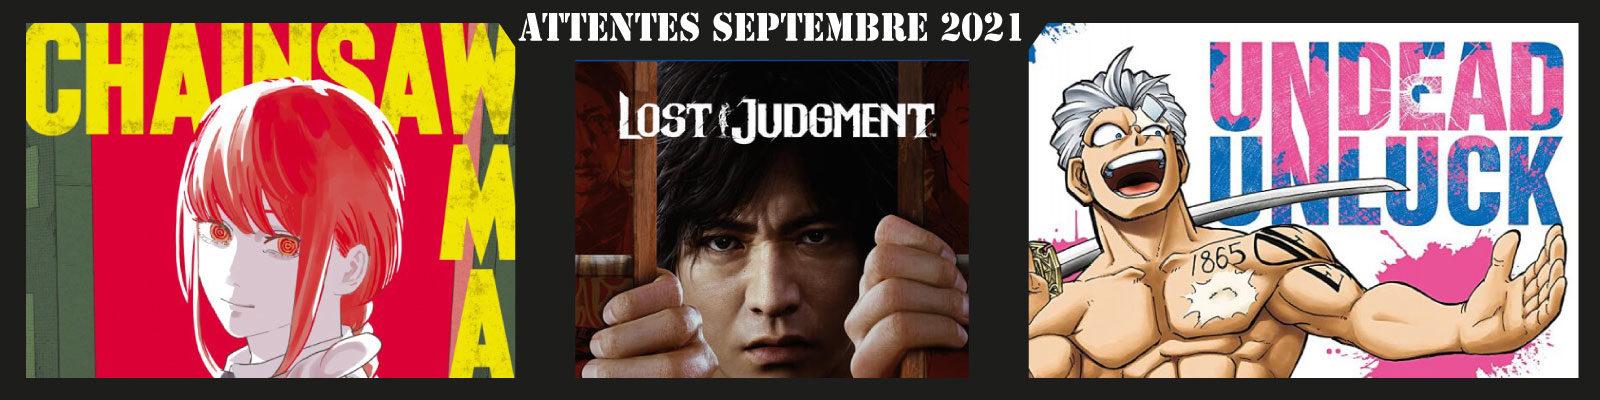 Attentes septembre 2021